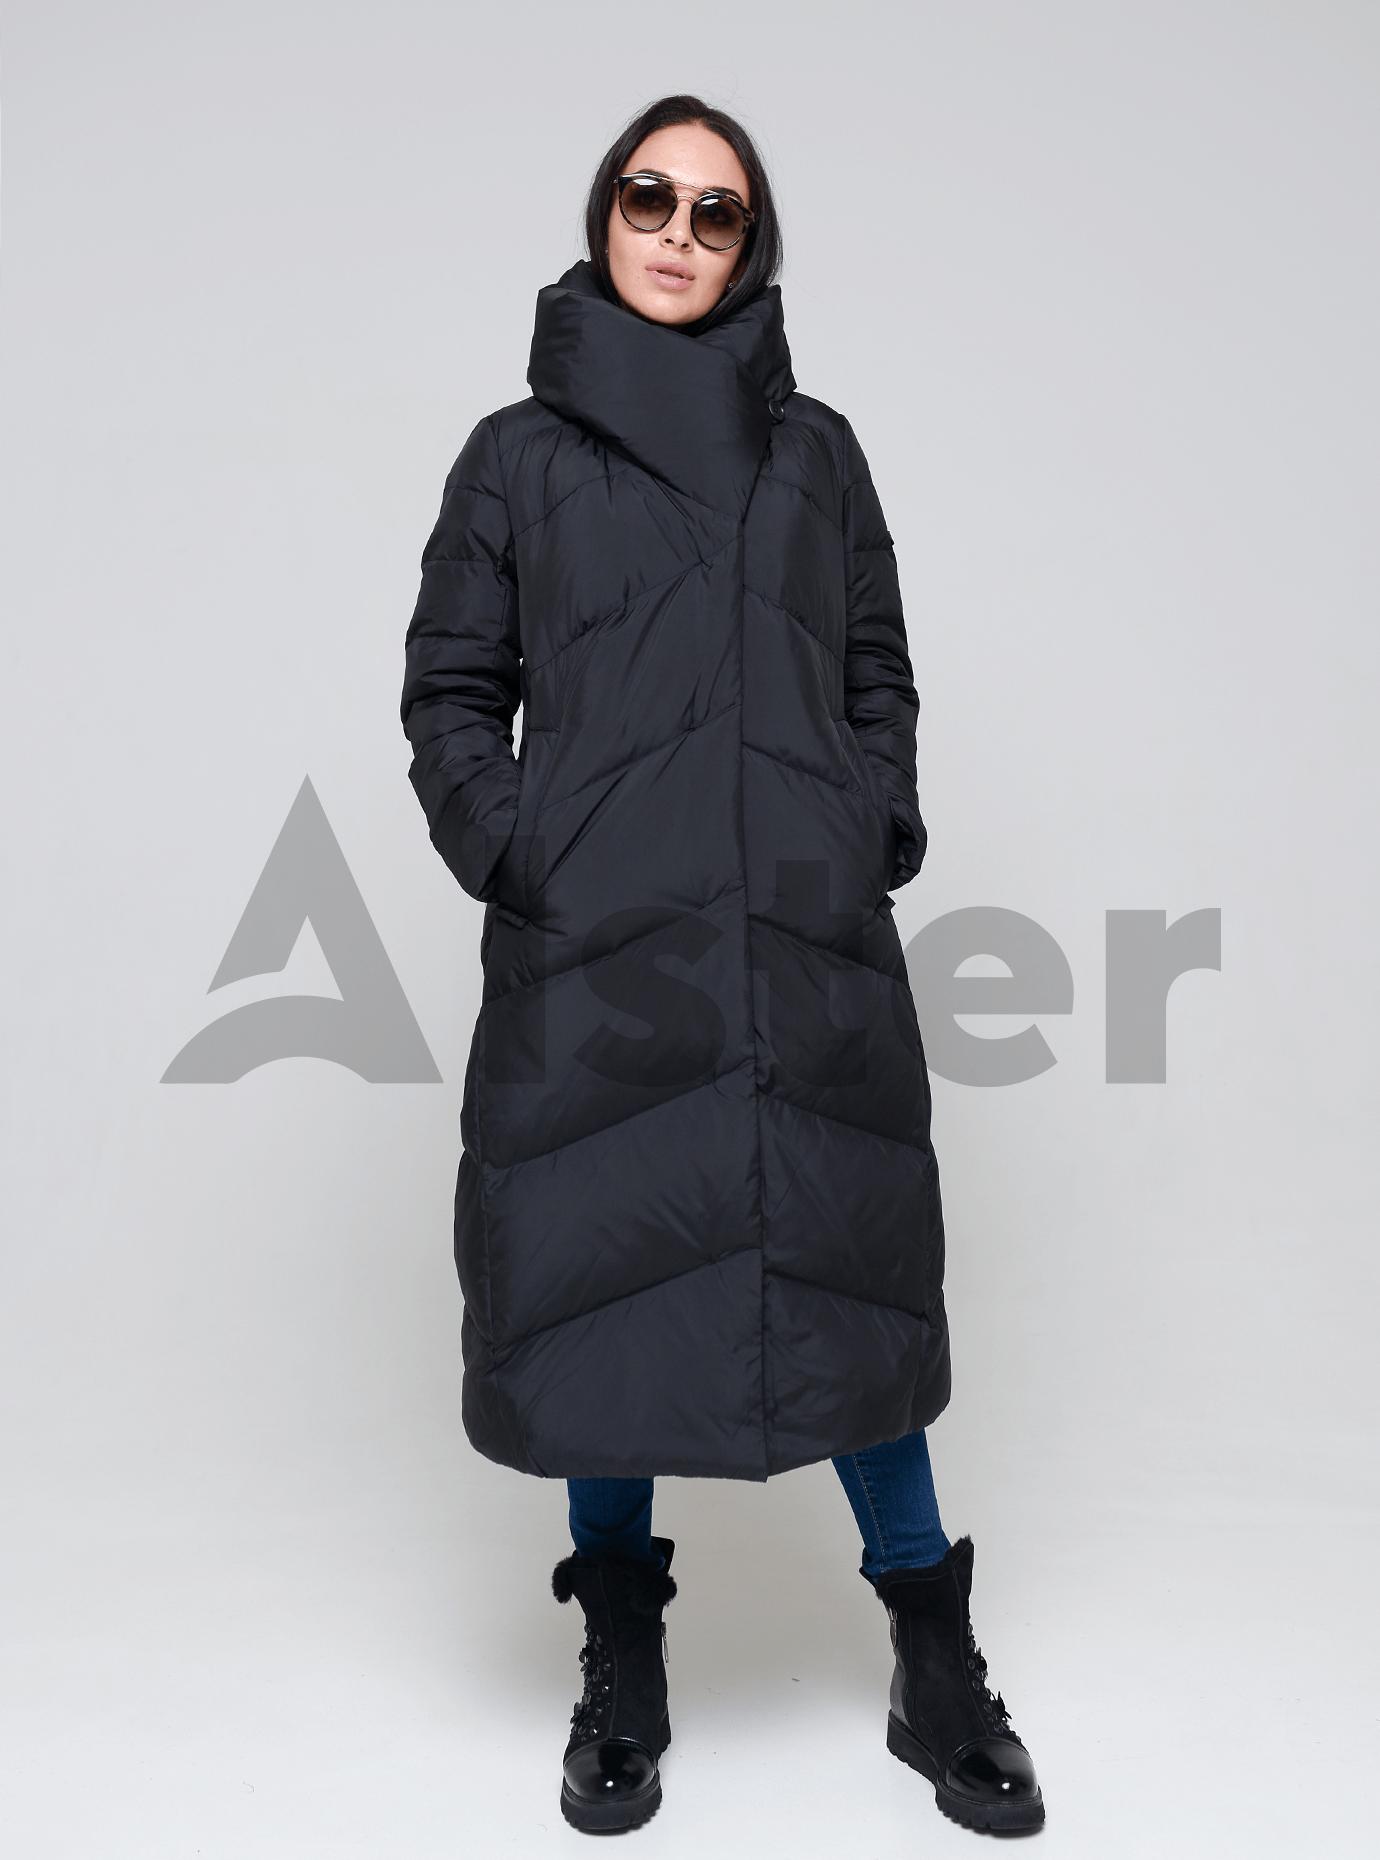 Пуховик женский натуральный Чёрный 3XL (01-9003): фото - Alster.ua